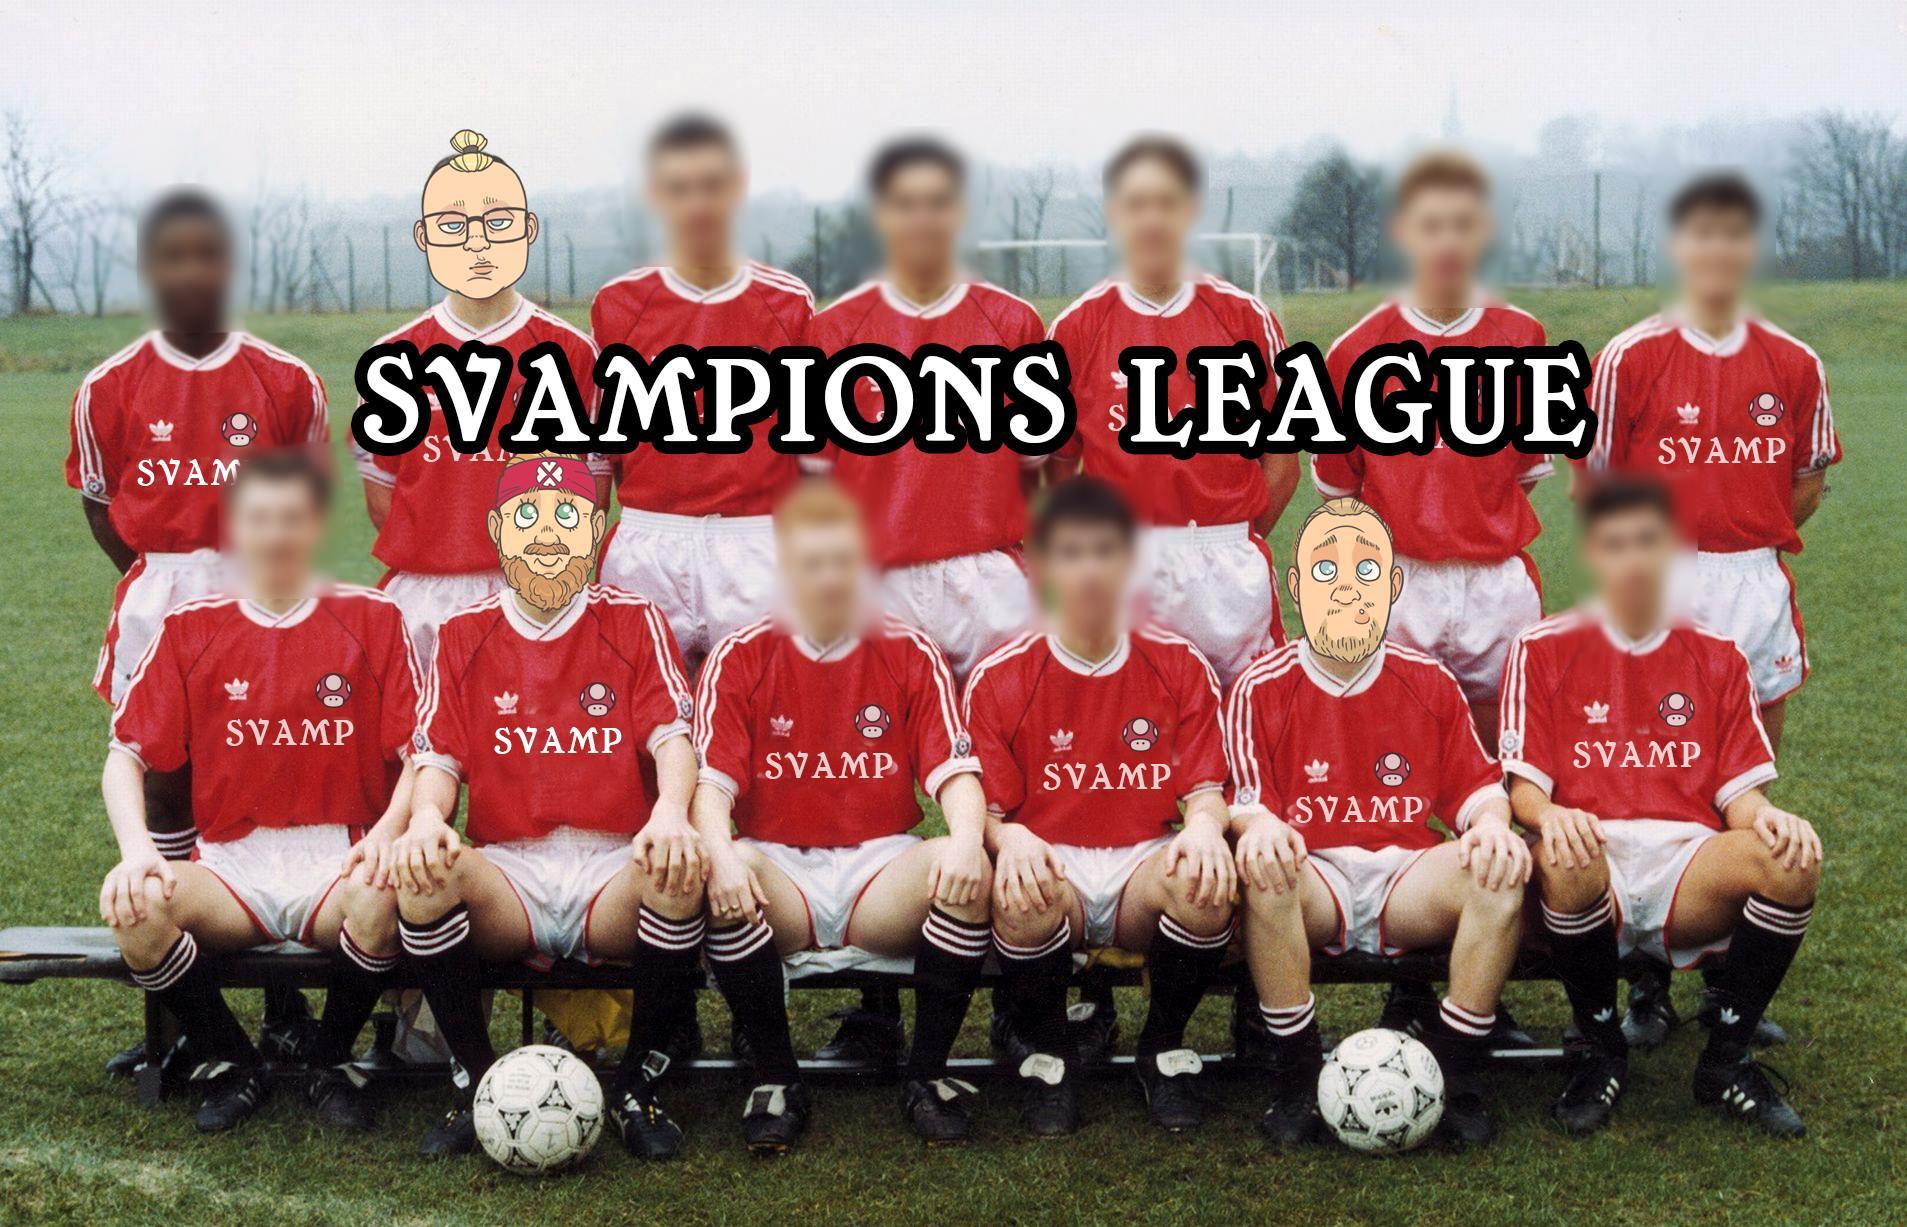 Svampions League | Part 2: Drugs, Draws & Defeats